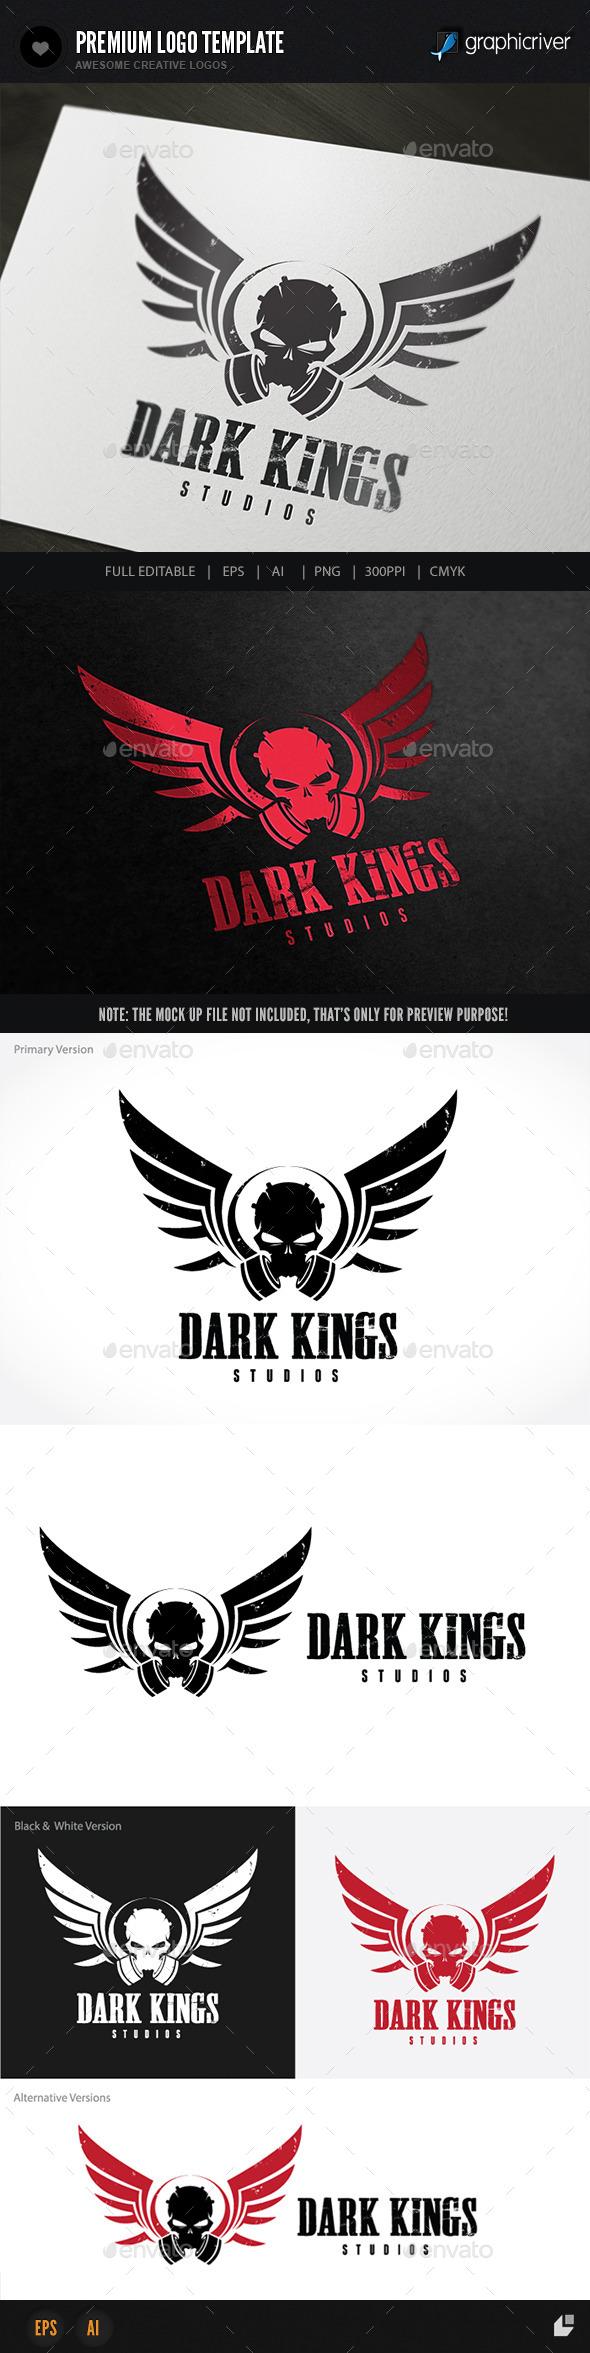 Dark Kings